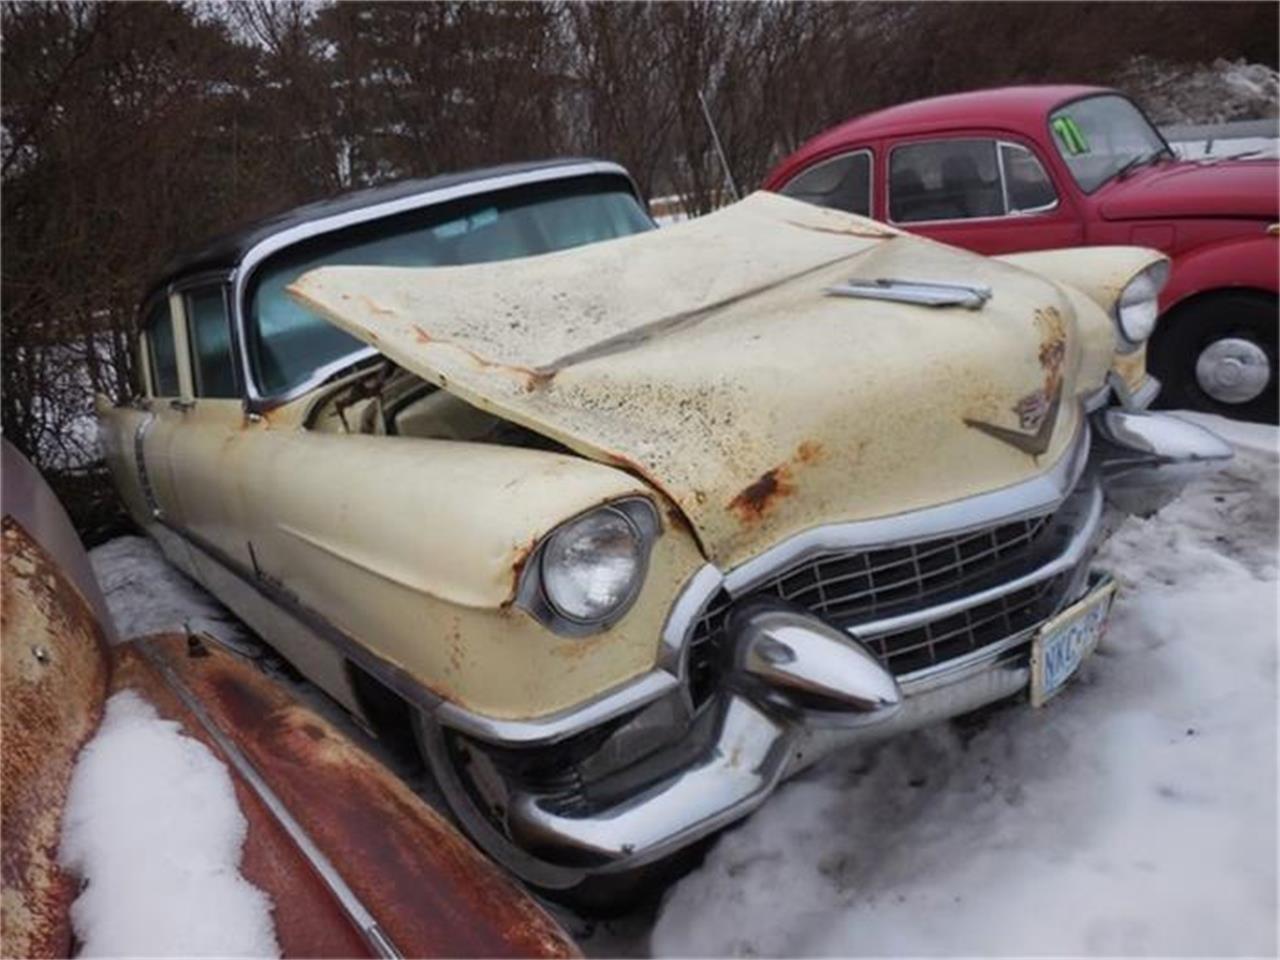 For Sale: 1955 Cadillac deVille Project/Parts in Mankato, Minnesota